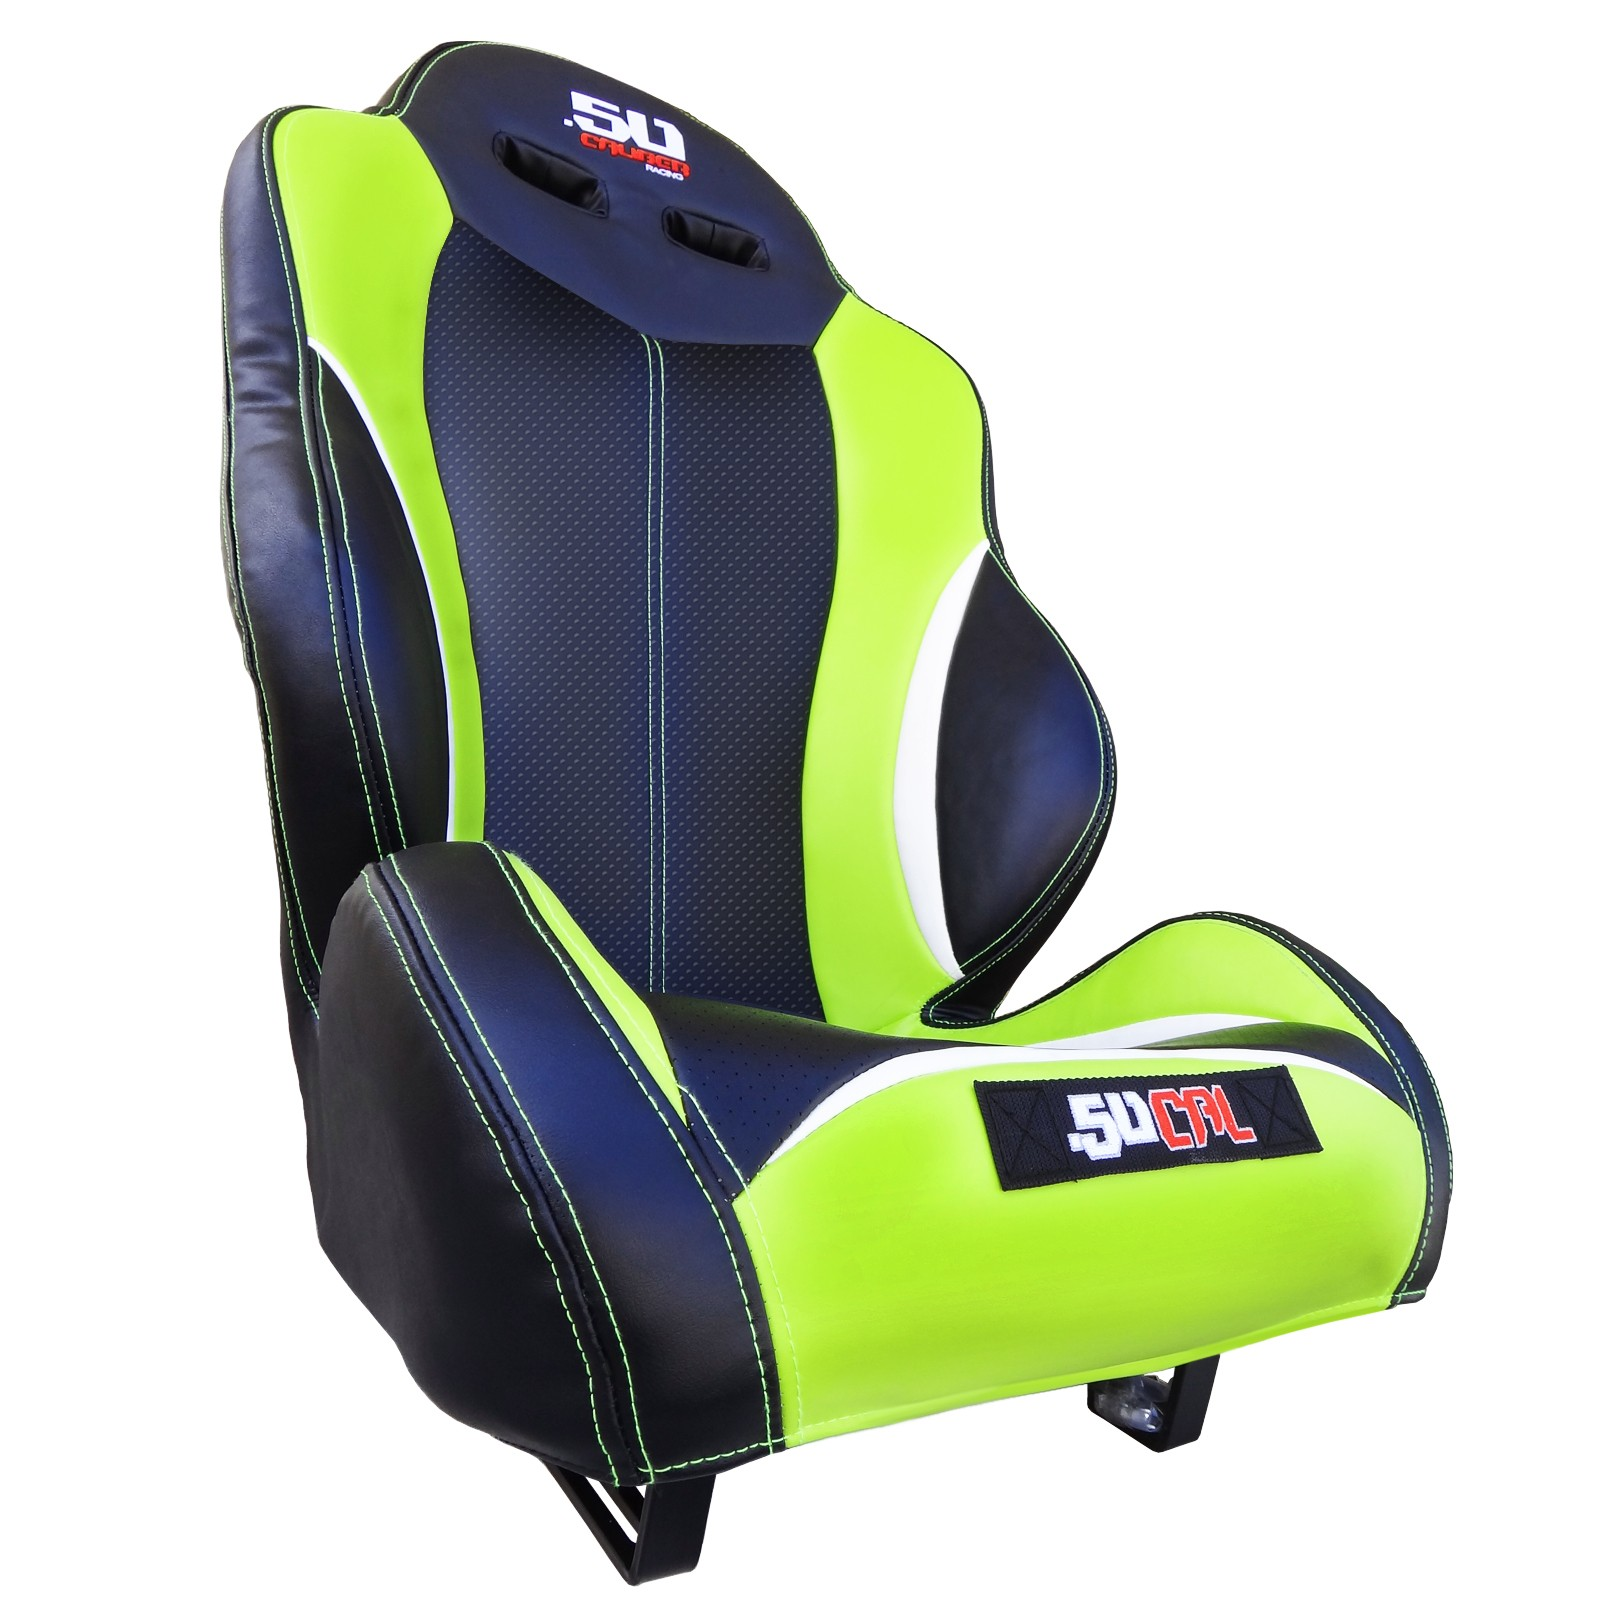 Off Road Racing Suspension Seats